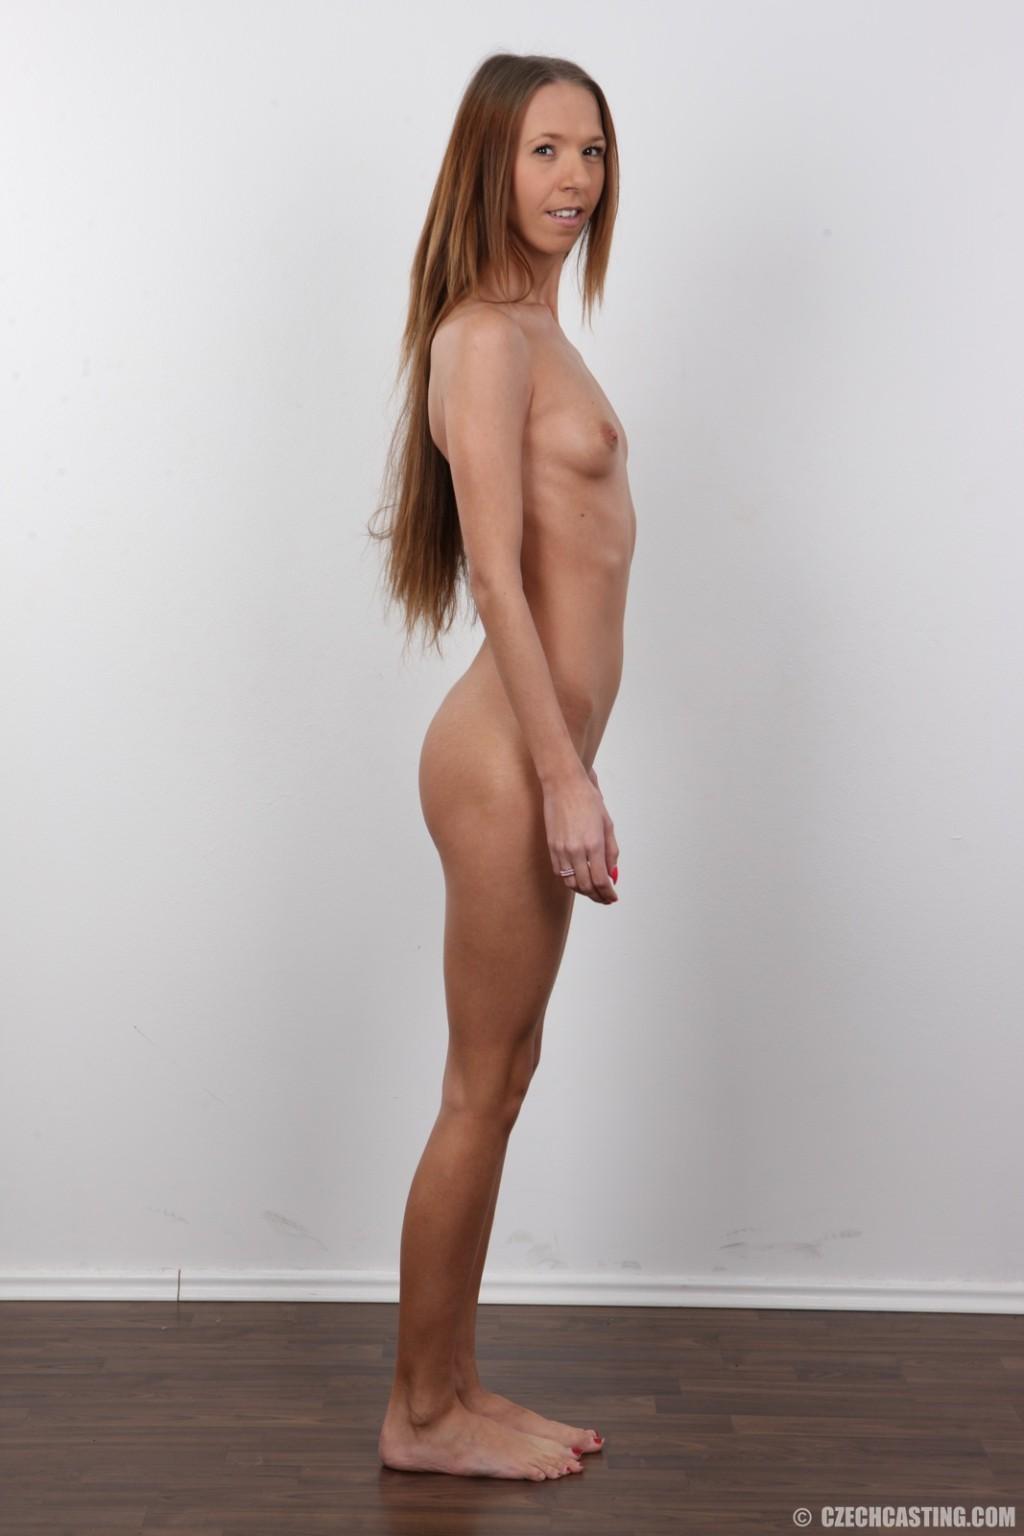 Zdenka порно модель